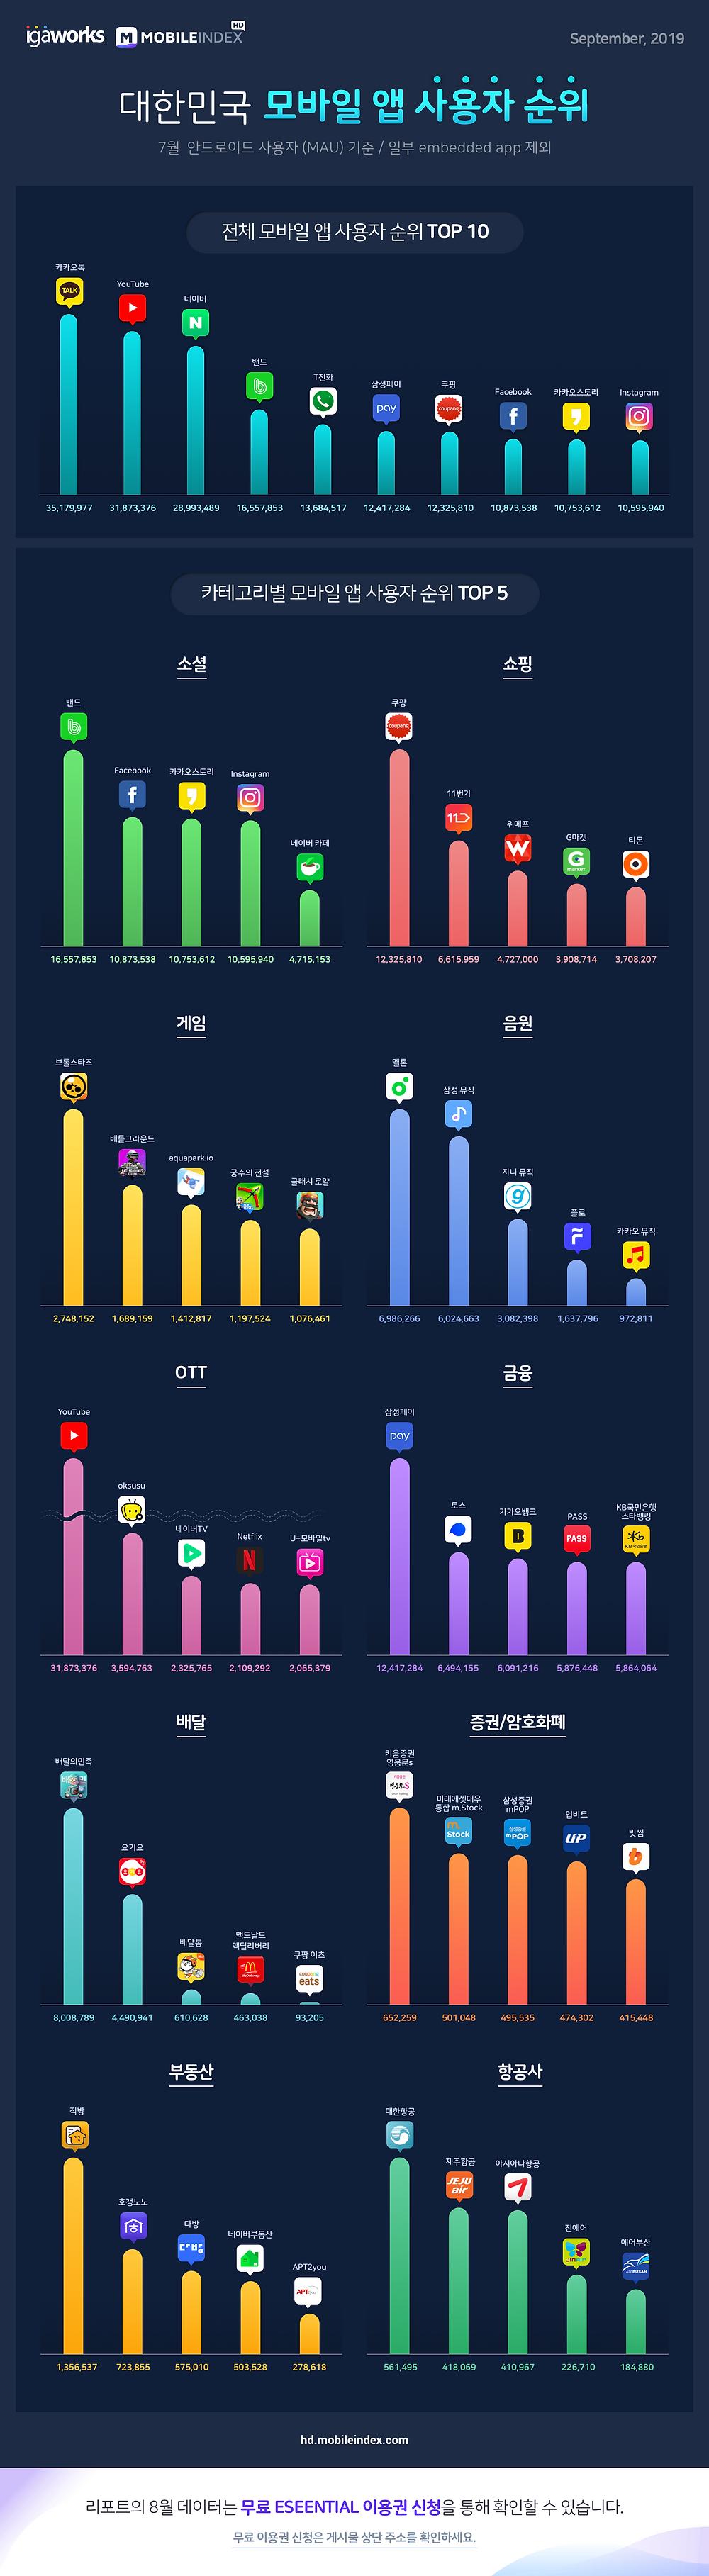 MI__chart-report__20190829